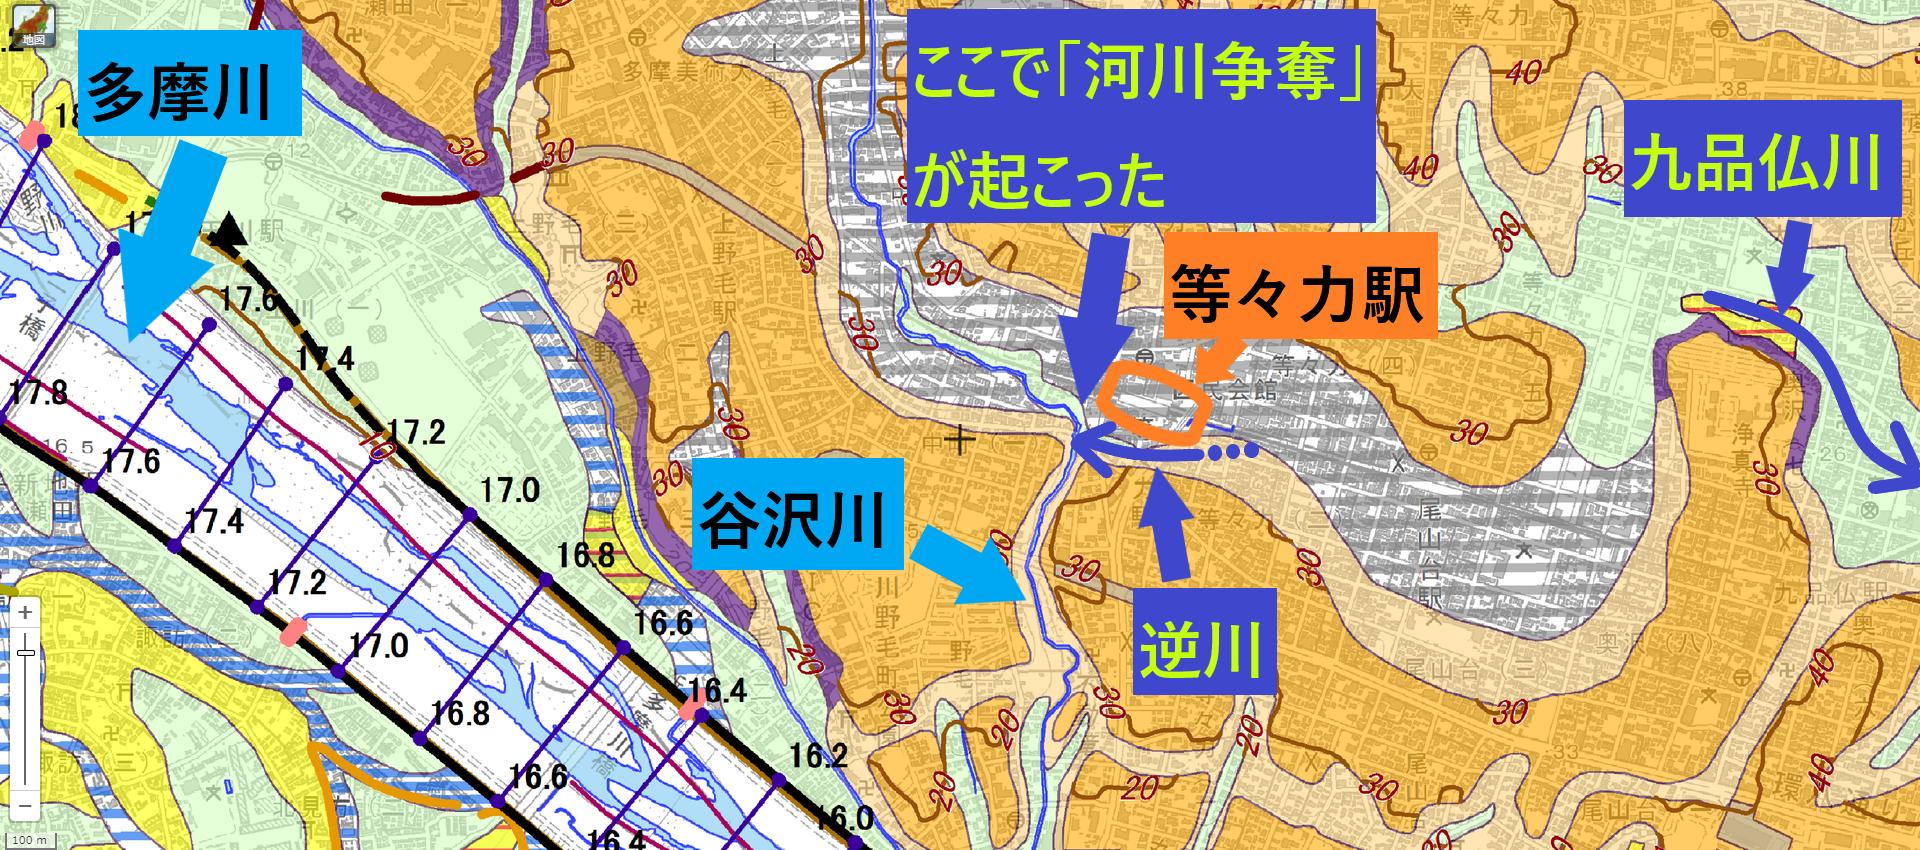 河川争奪後の谷沢川